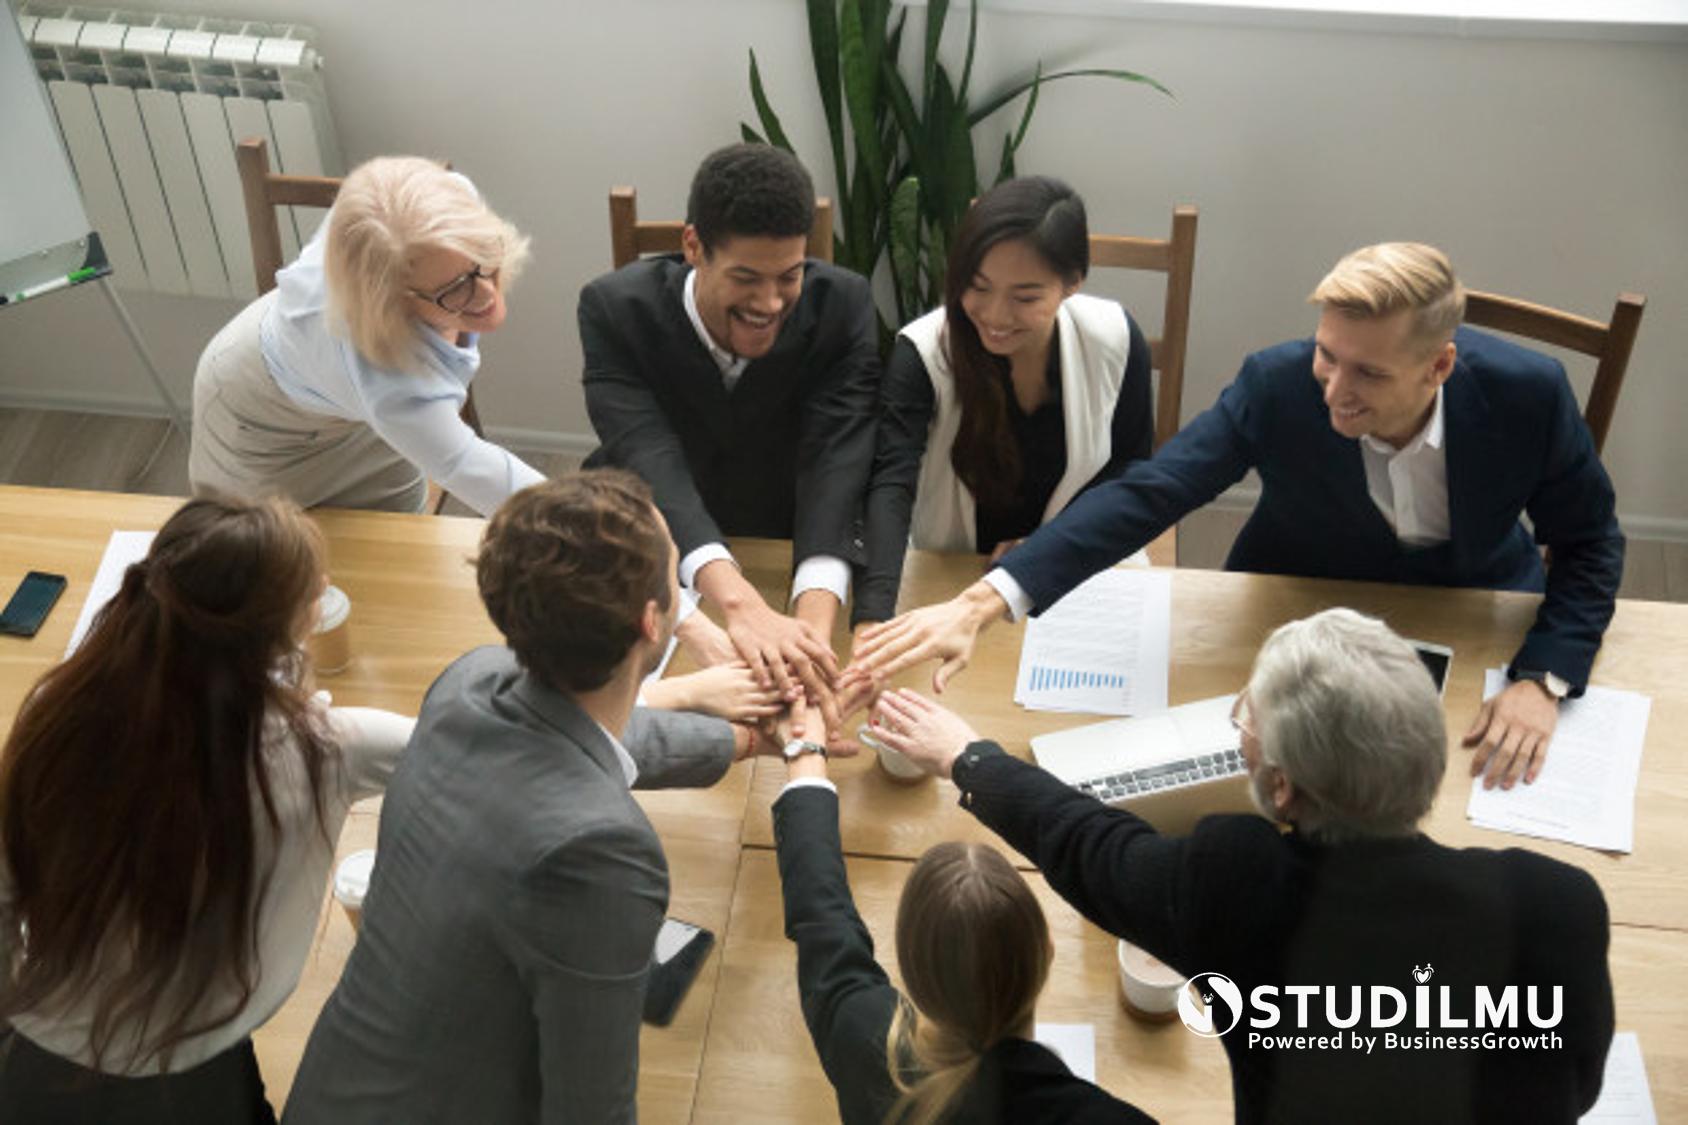 STUDILMU Career Advice - 6 Cara Mempertahankan Motivasi Kerja